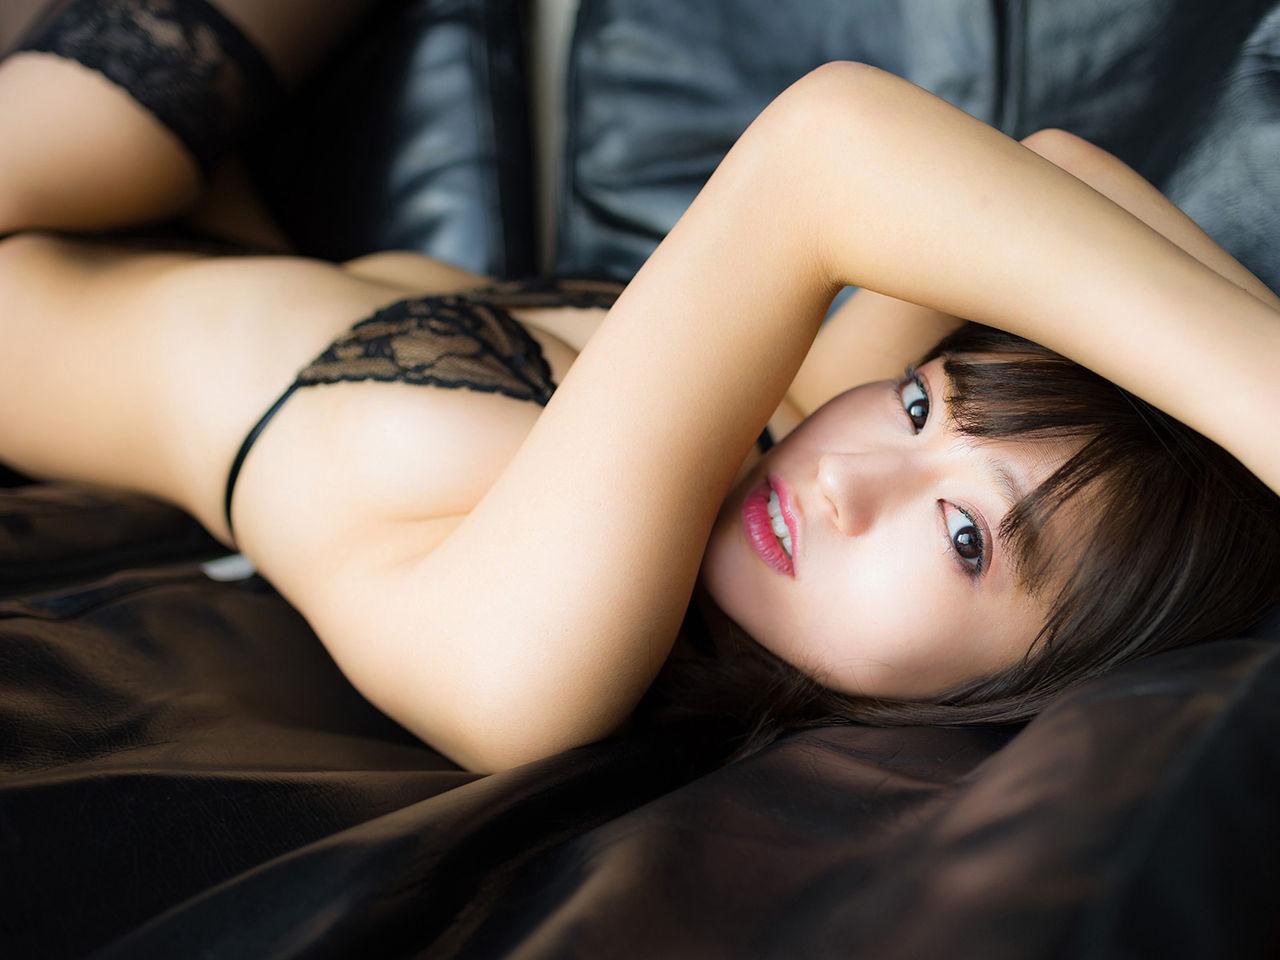 oosawa_reimi180.jpg